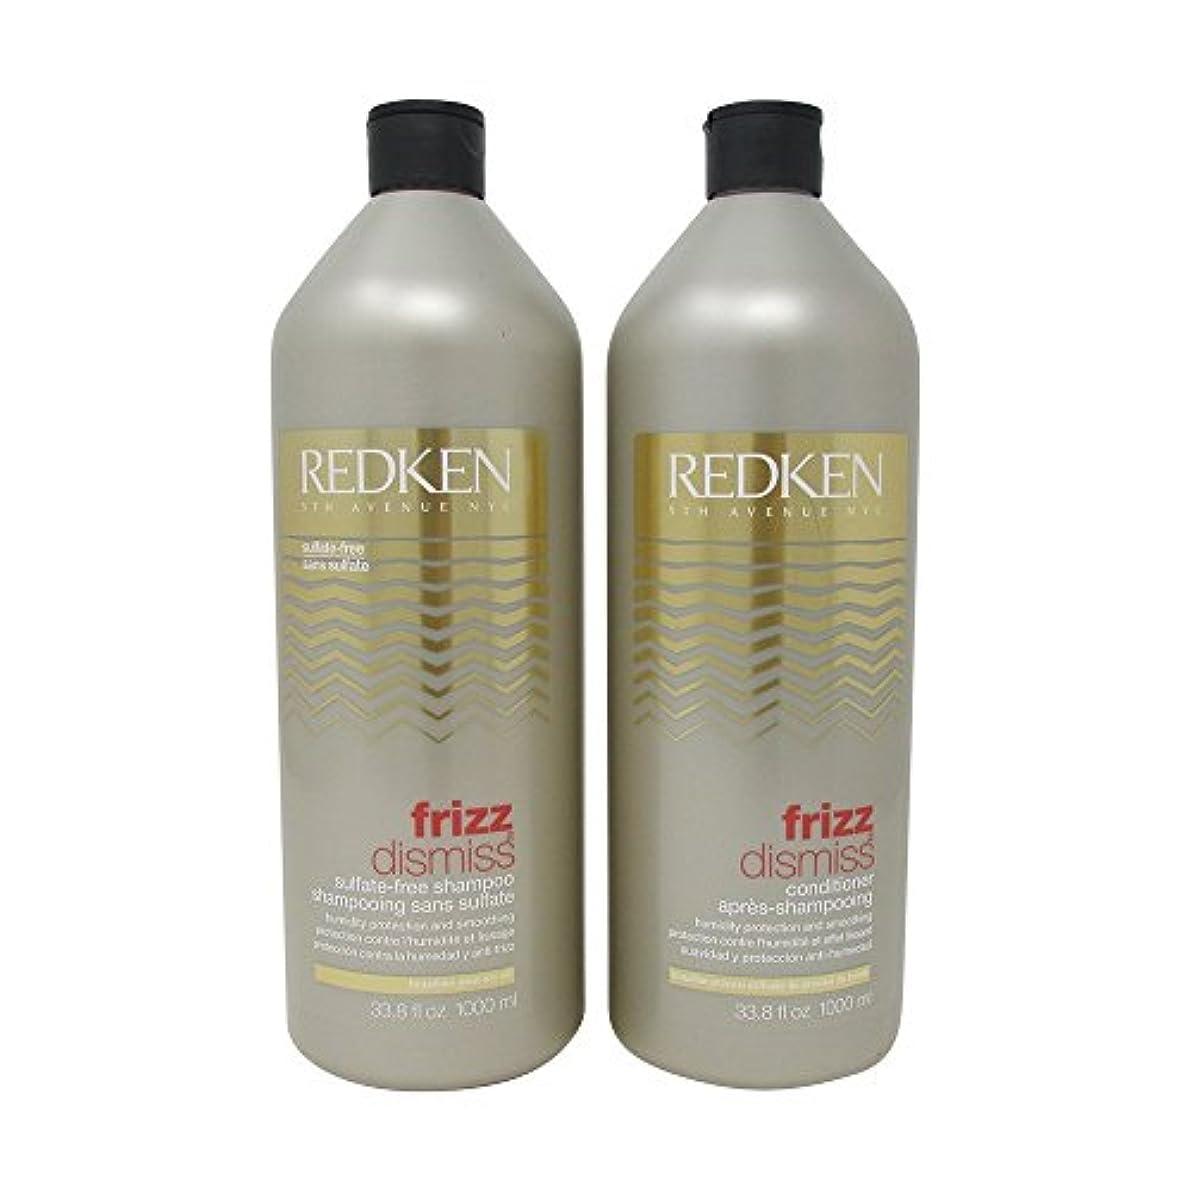 有毒風尾REDKEN 2点セット:Redkenフリズディスミスシャンプー&コンディショナーセット1Lセット